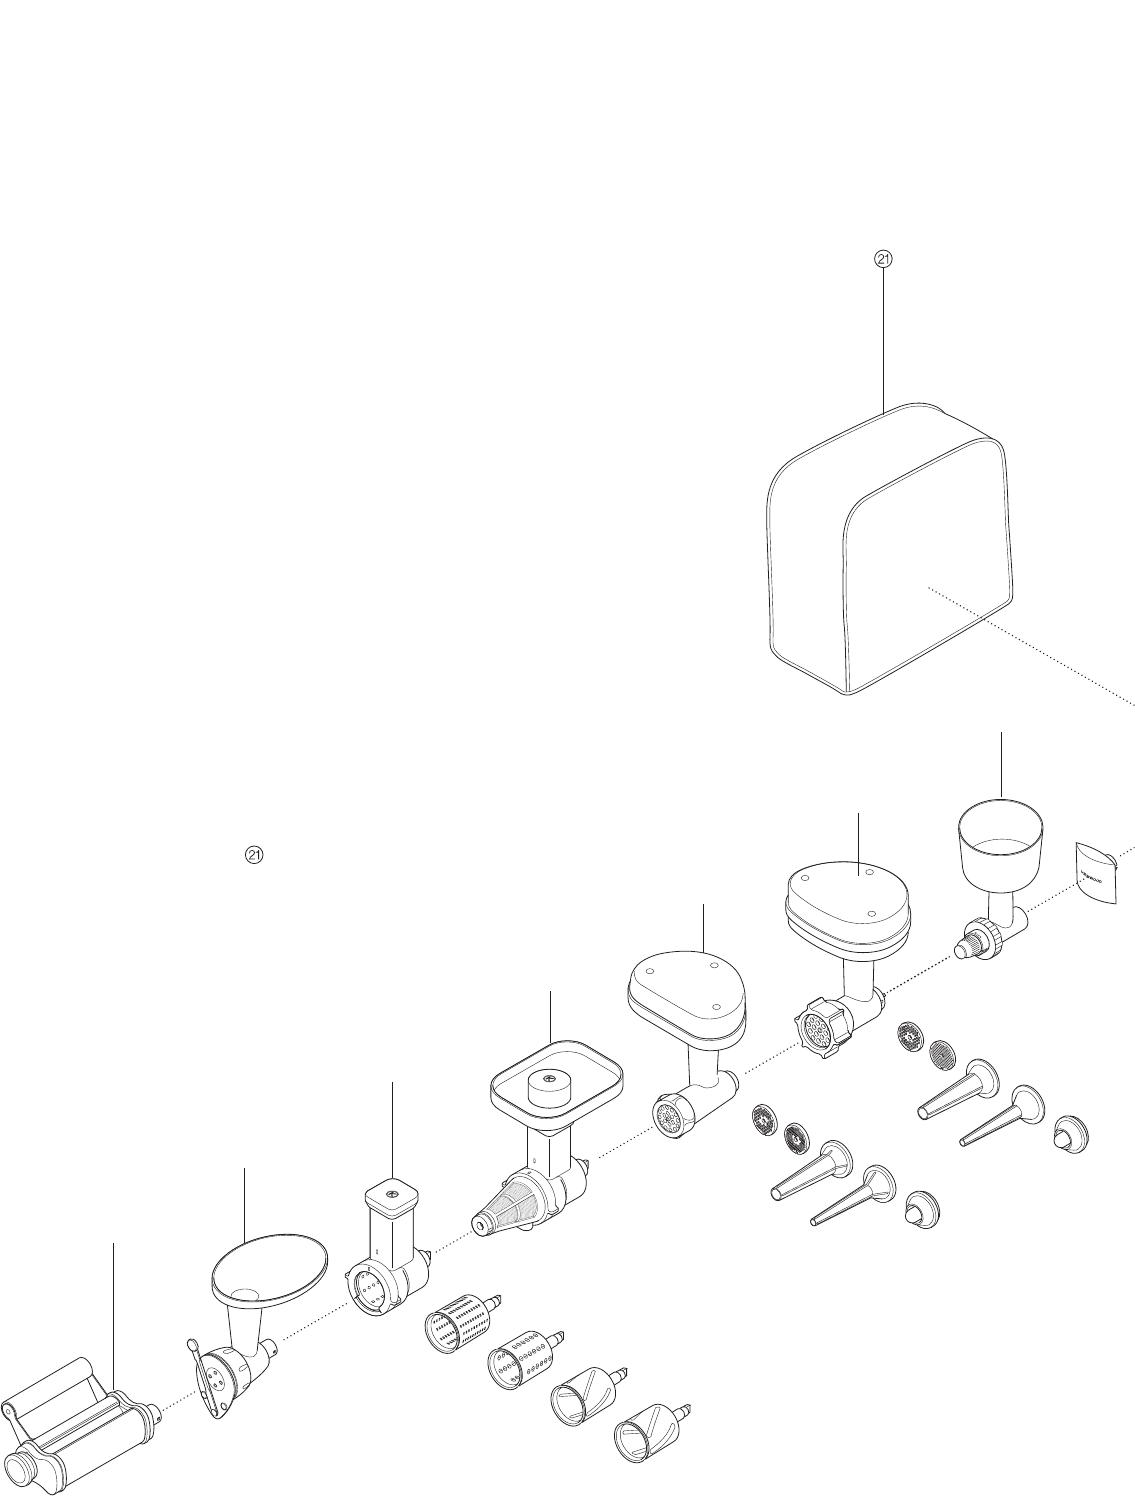 Instruction 6ce2038137d045a684613c7ba7a28df1